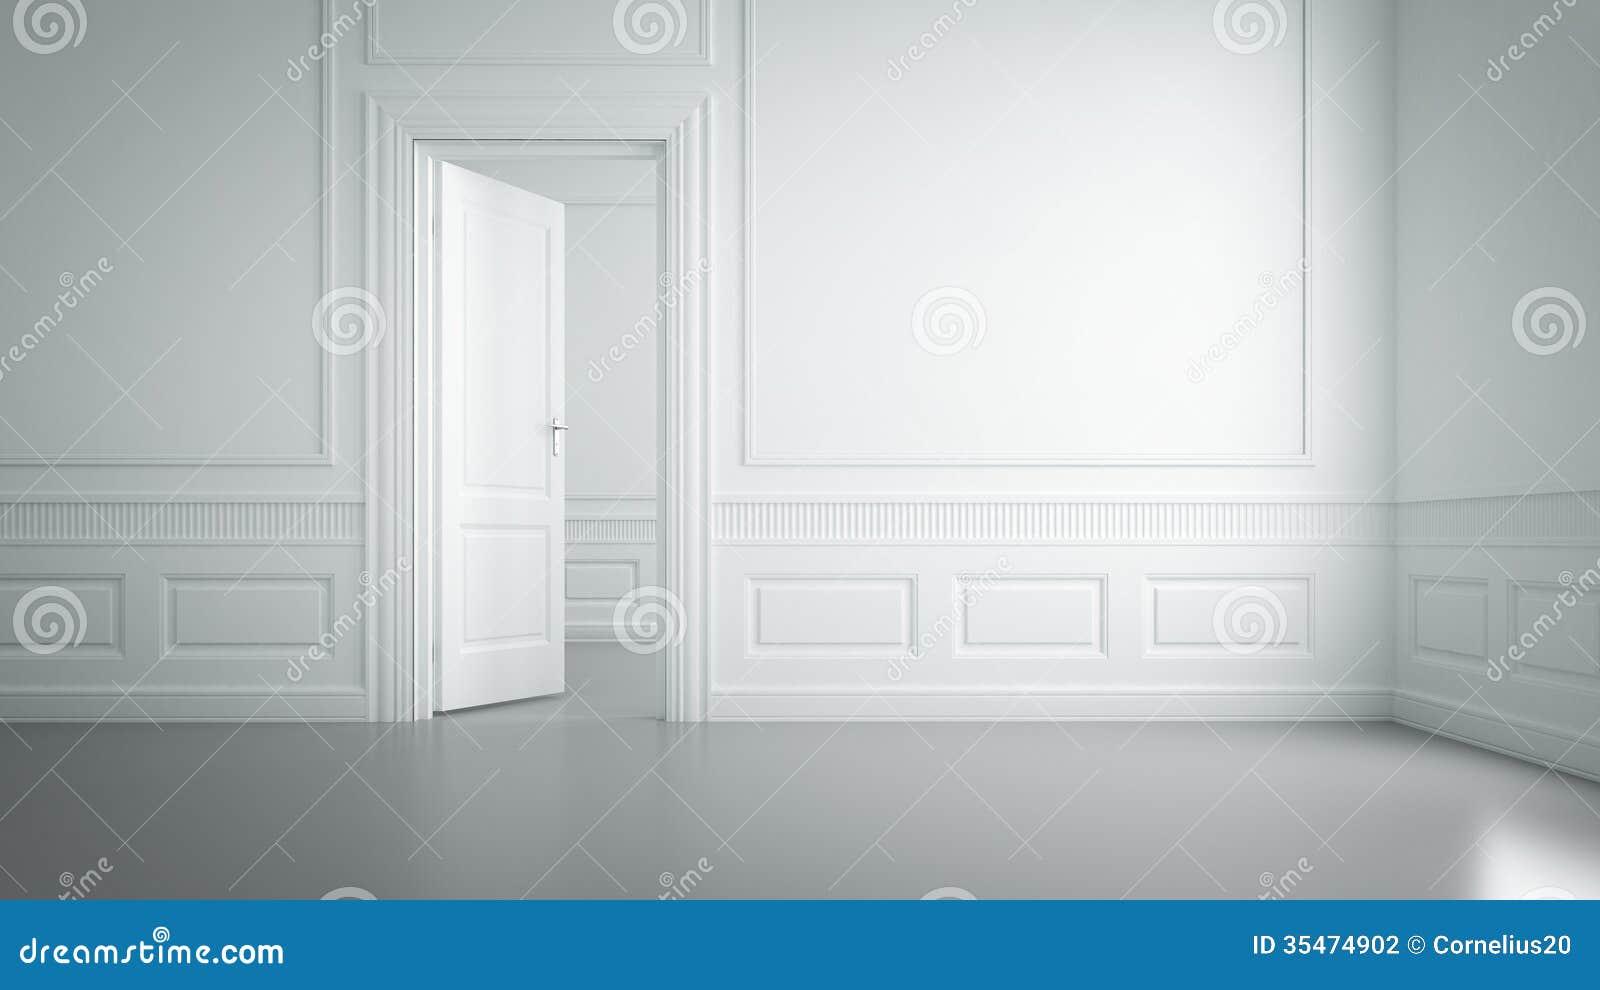 Stock Room Doors : Empty white room stock photo image of nobody concept